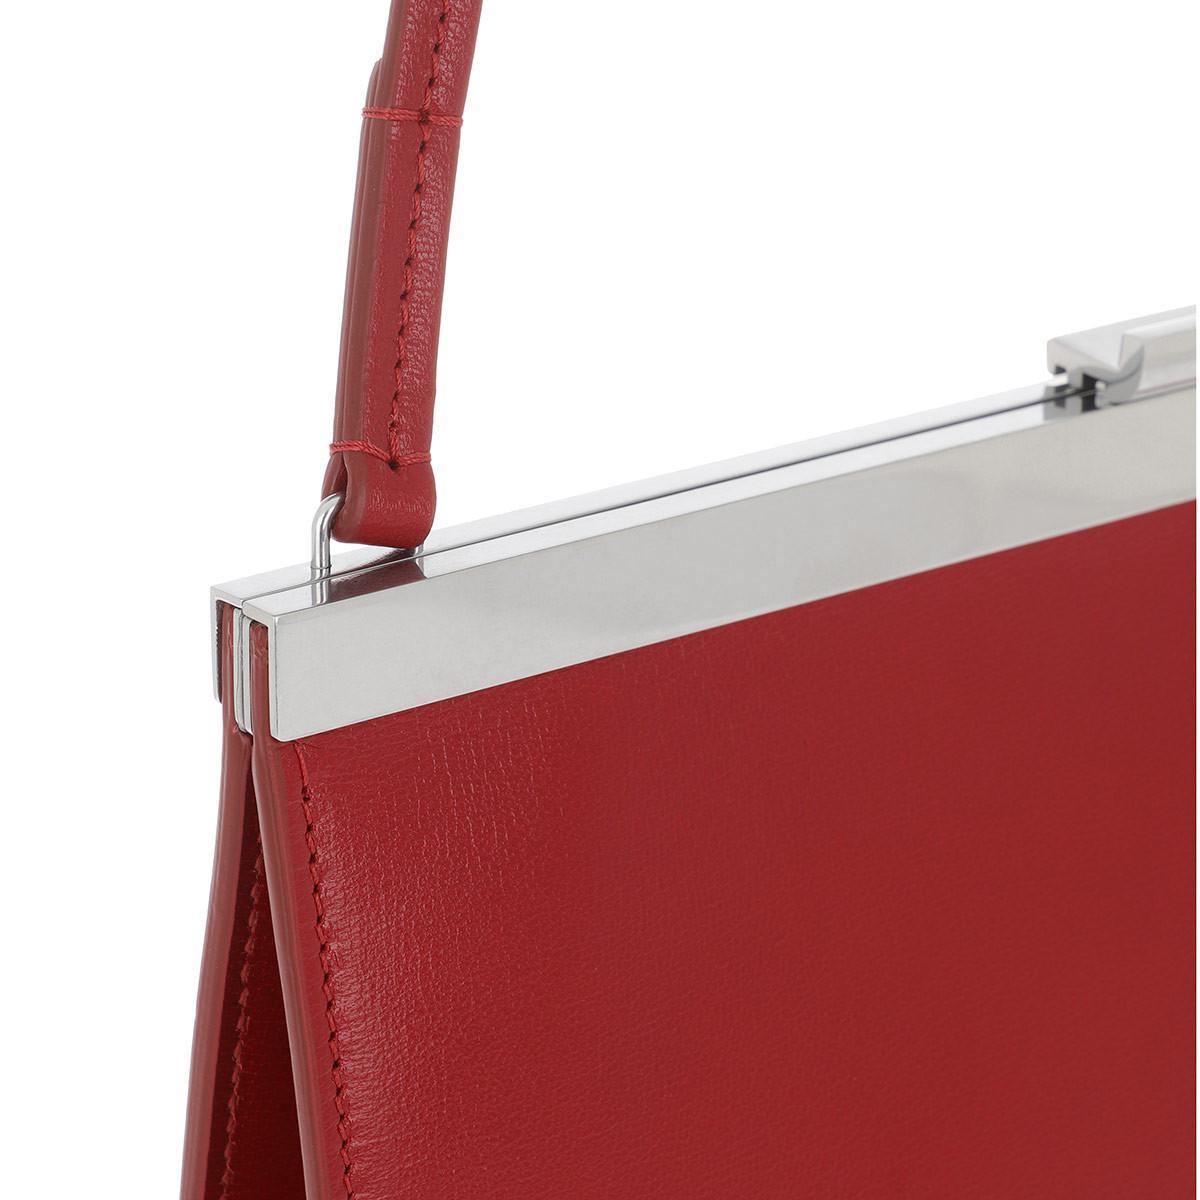 2bc6c9e02dcf Céline Mini Clasp Bag Pop Red in Red - Lyst